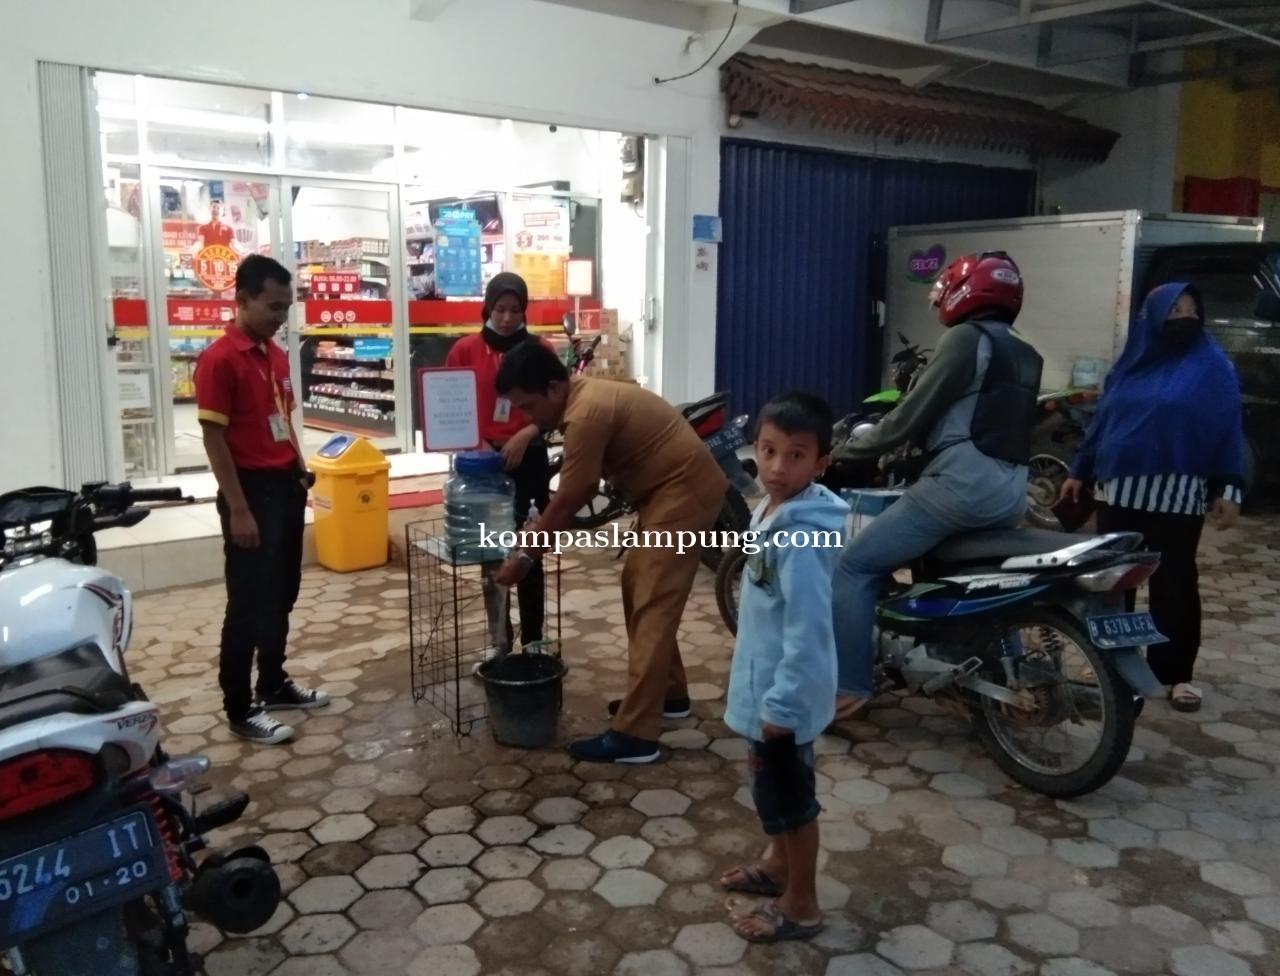 Bupati Mesuji Saply TH Menghimbau Seluruh Pertokoan Minimarket DLL Menyediakan Tempat Cuci Tangan